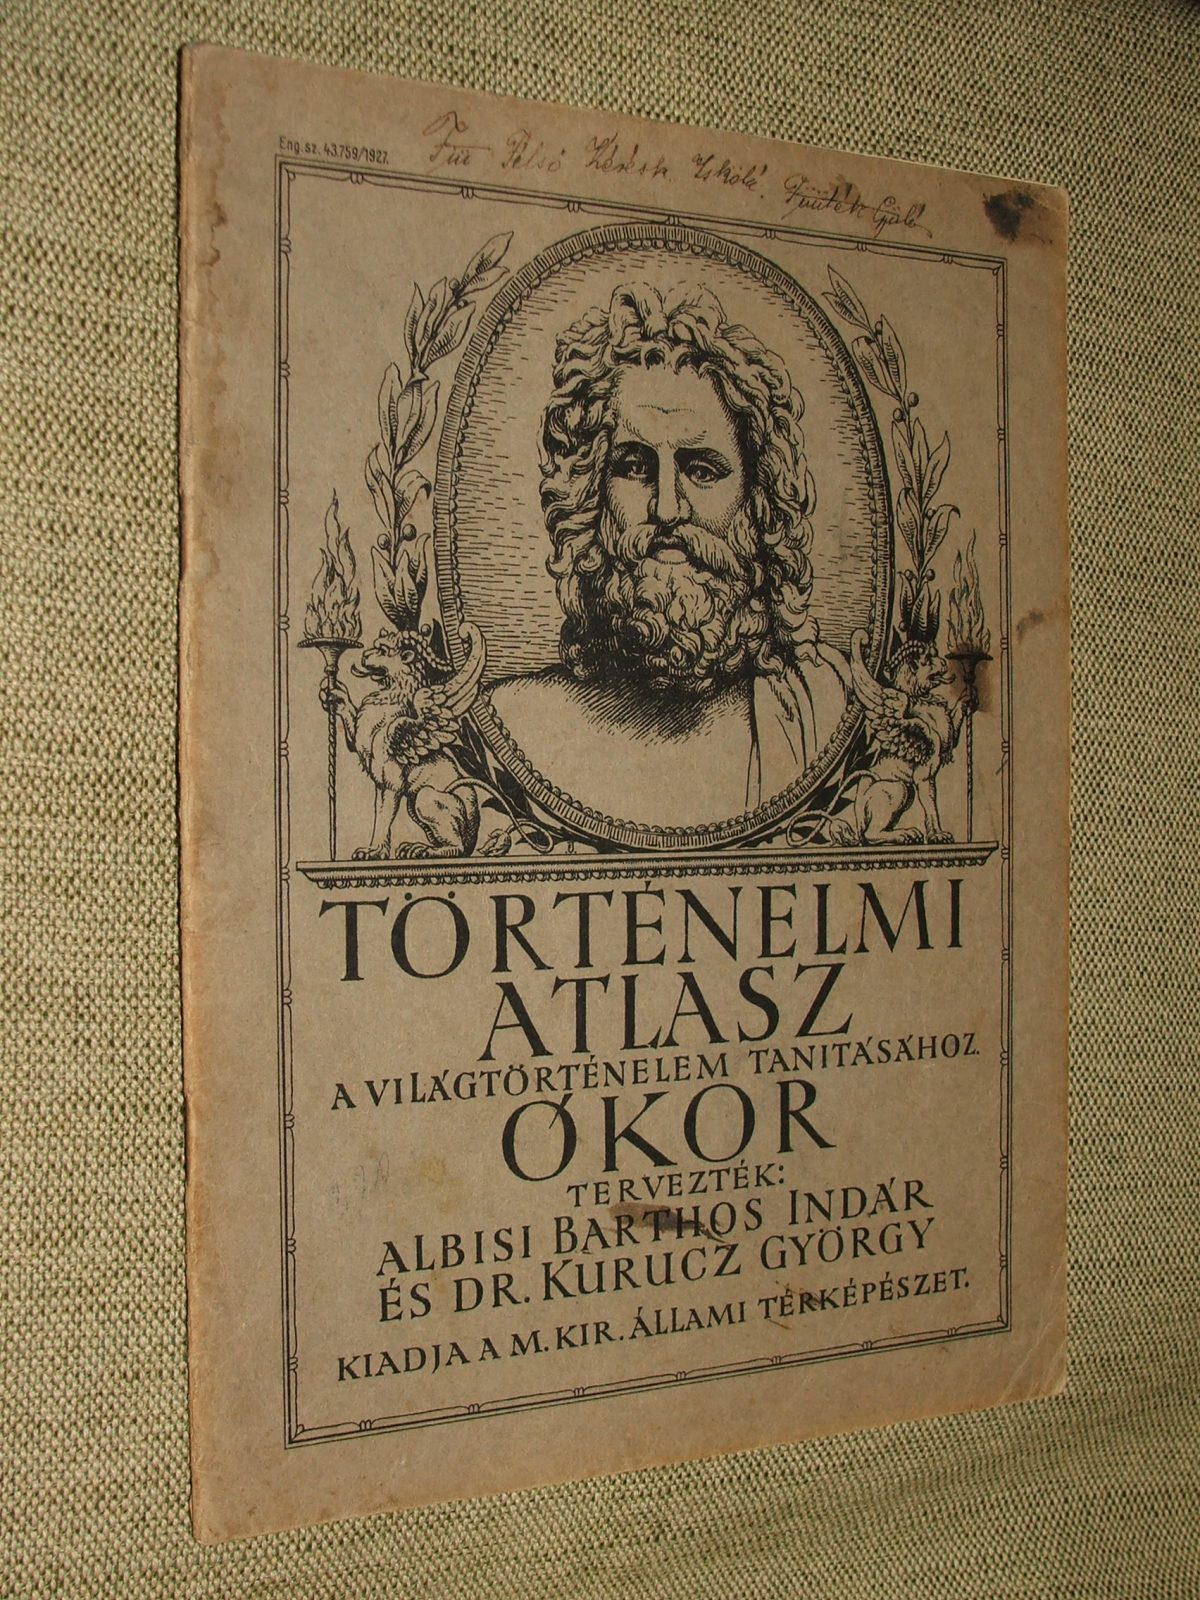 ALBISI BARTHOS Indár és KURUCZ György: Történelmi atlasz világtörténelem tanításához Ókor